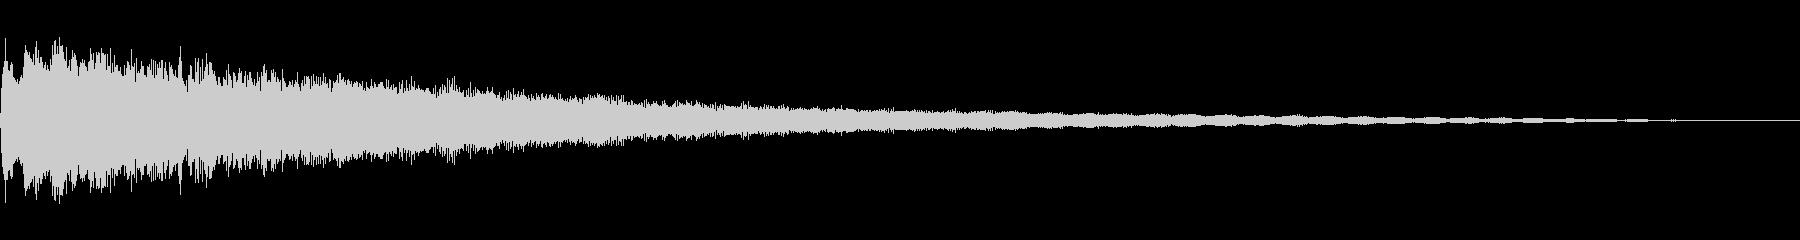 SynthZap EC06_77の未再生の波形